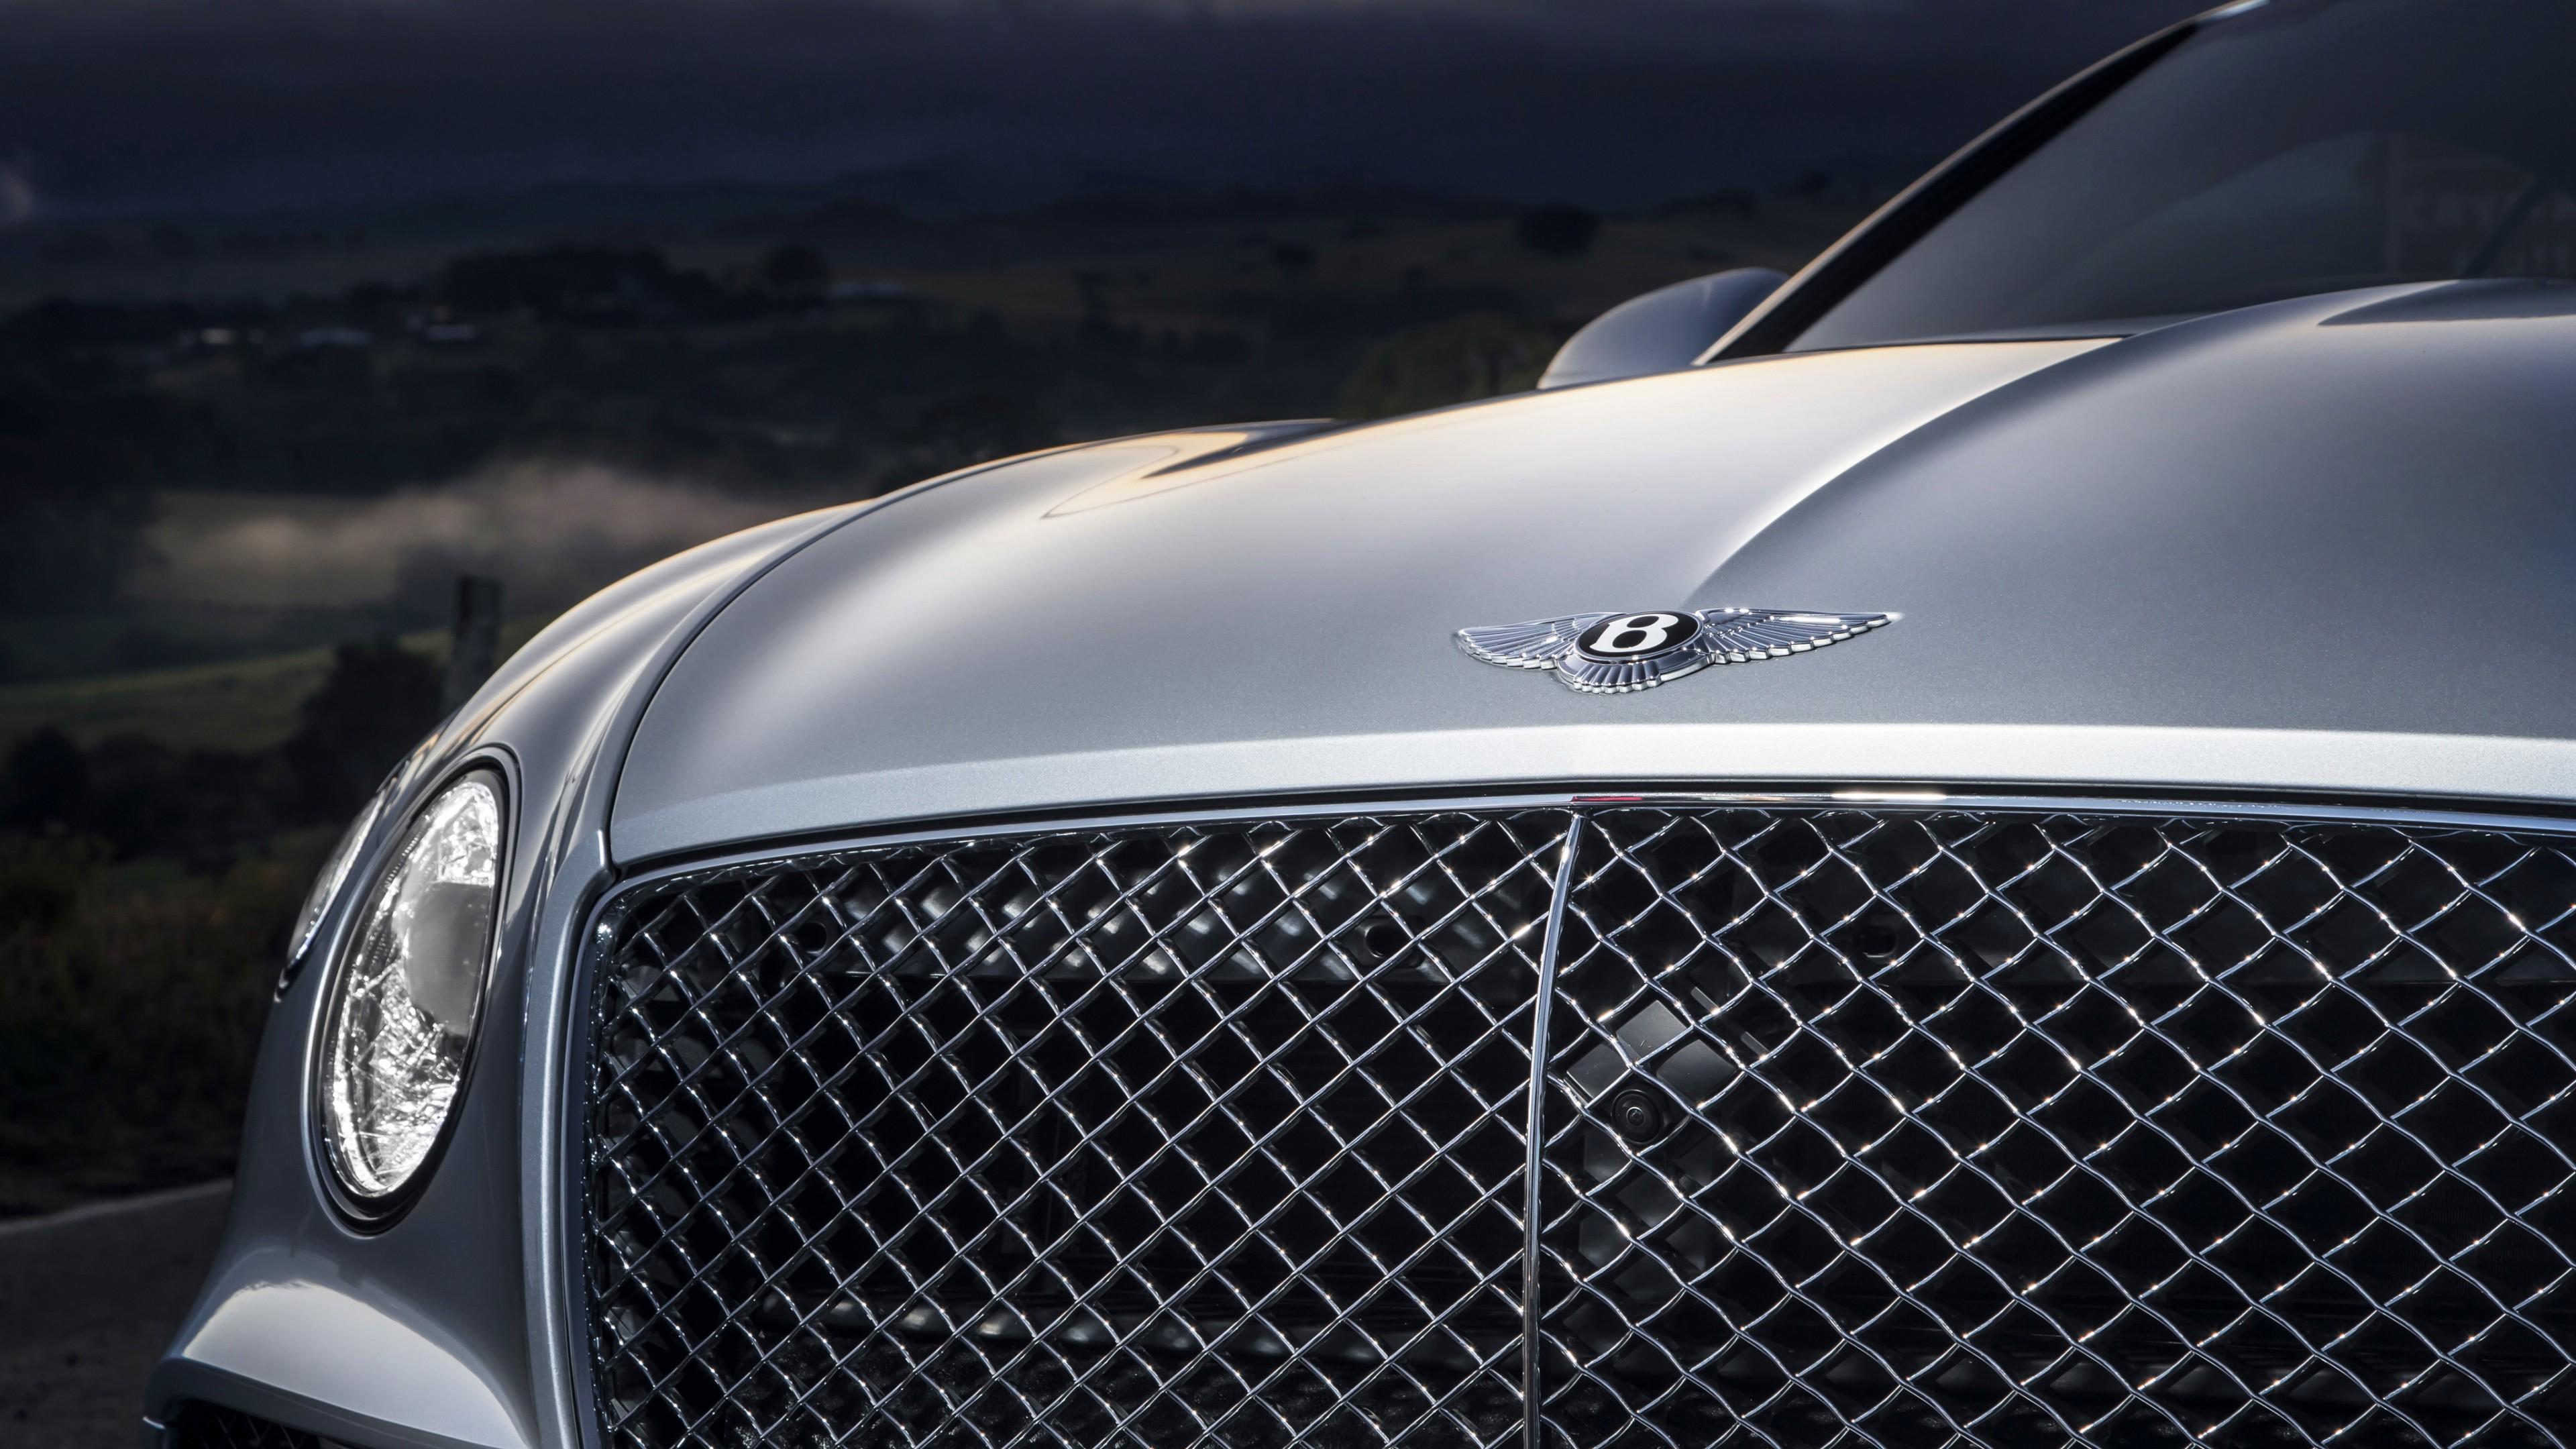 Bentley Continental Gt 2018 4k 2 Wallpaper Hd Car